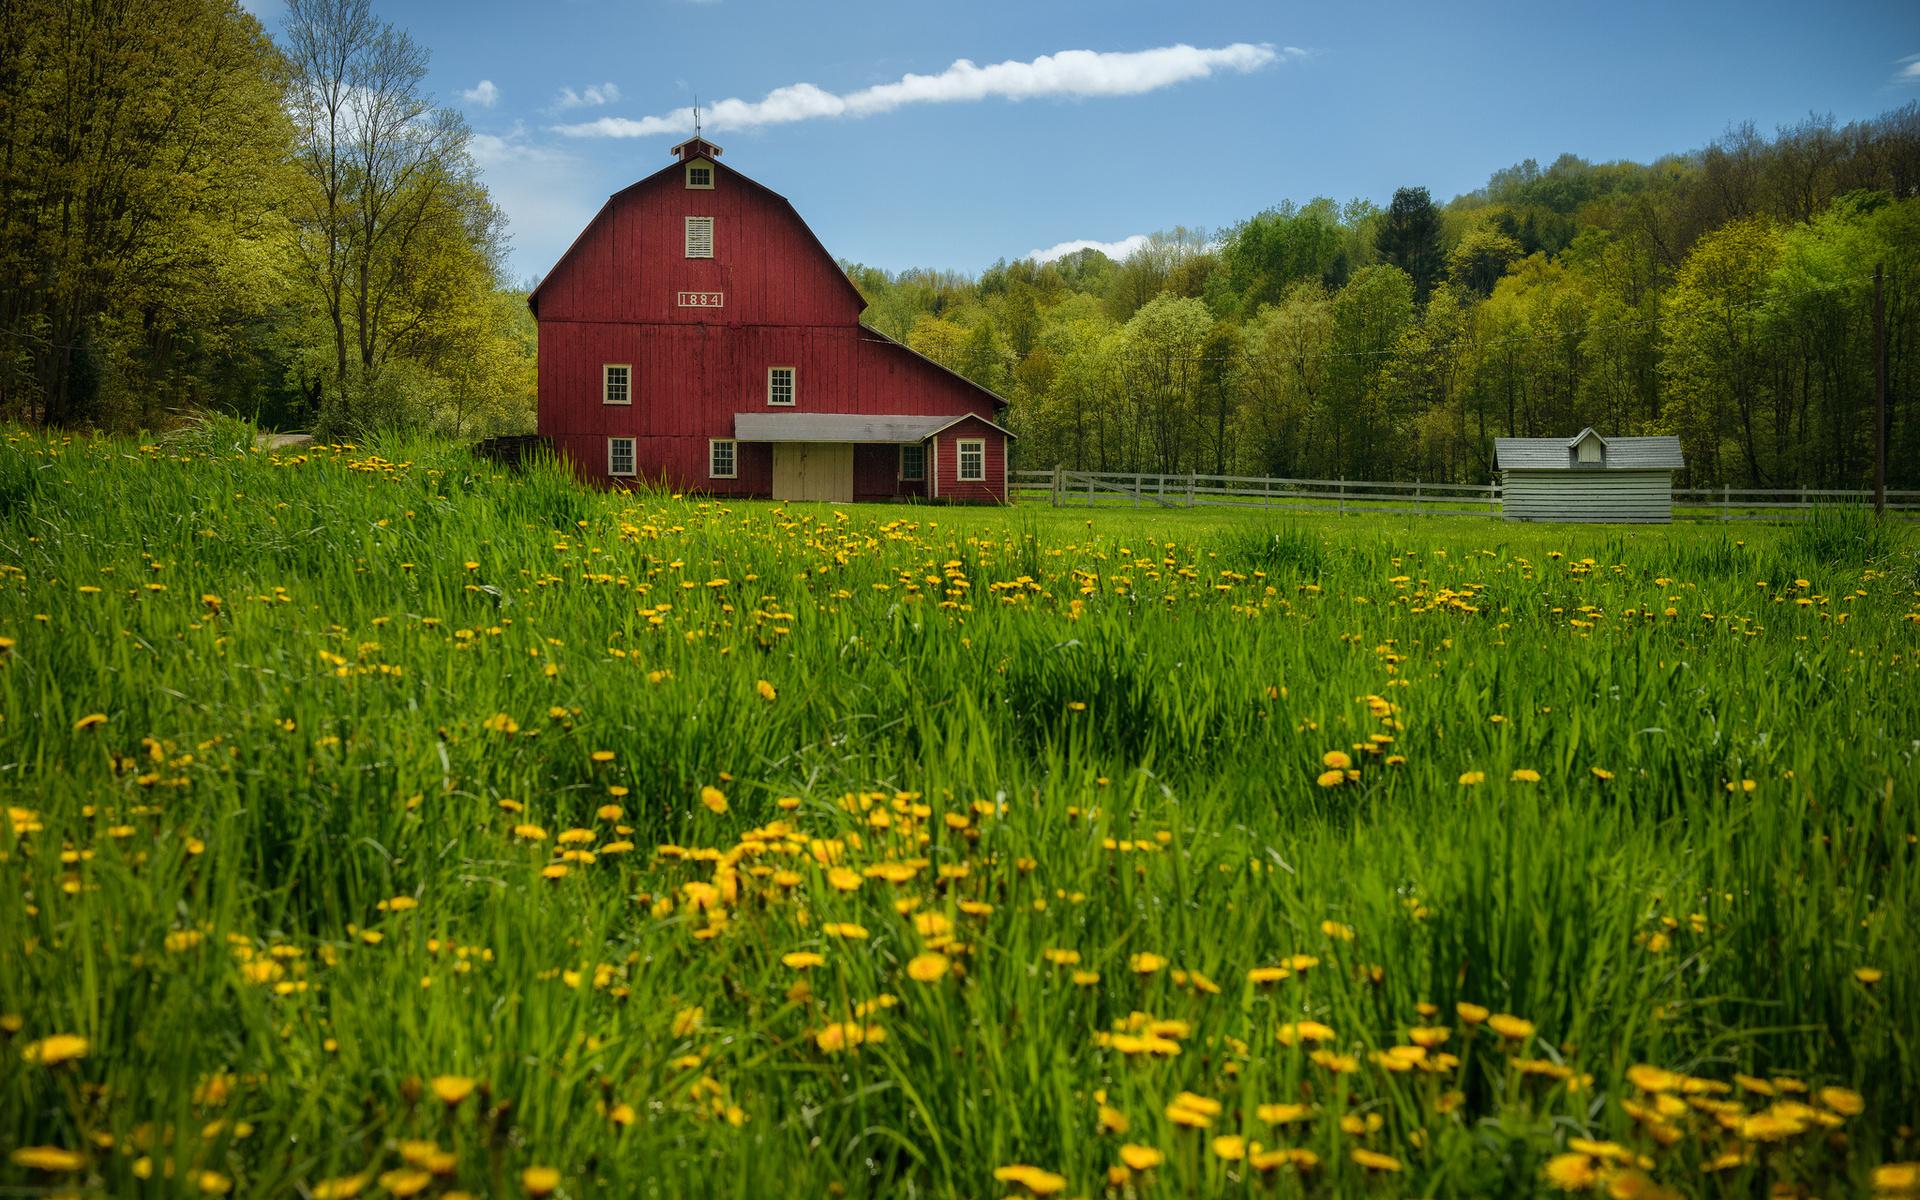 Dandelions barn trees meadow wallpaper 1920x1200 97524 for Meadow house